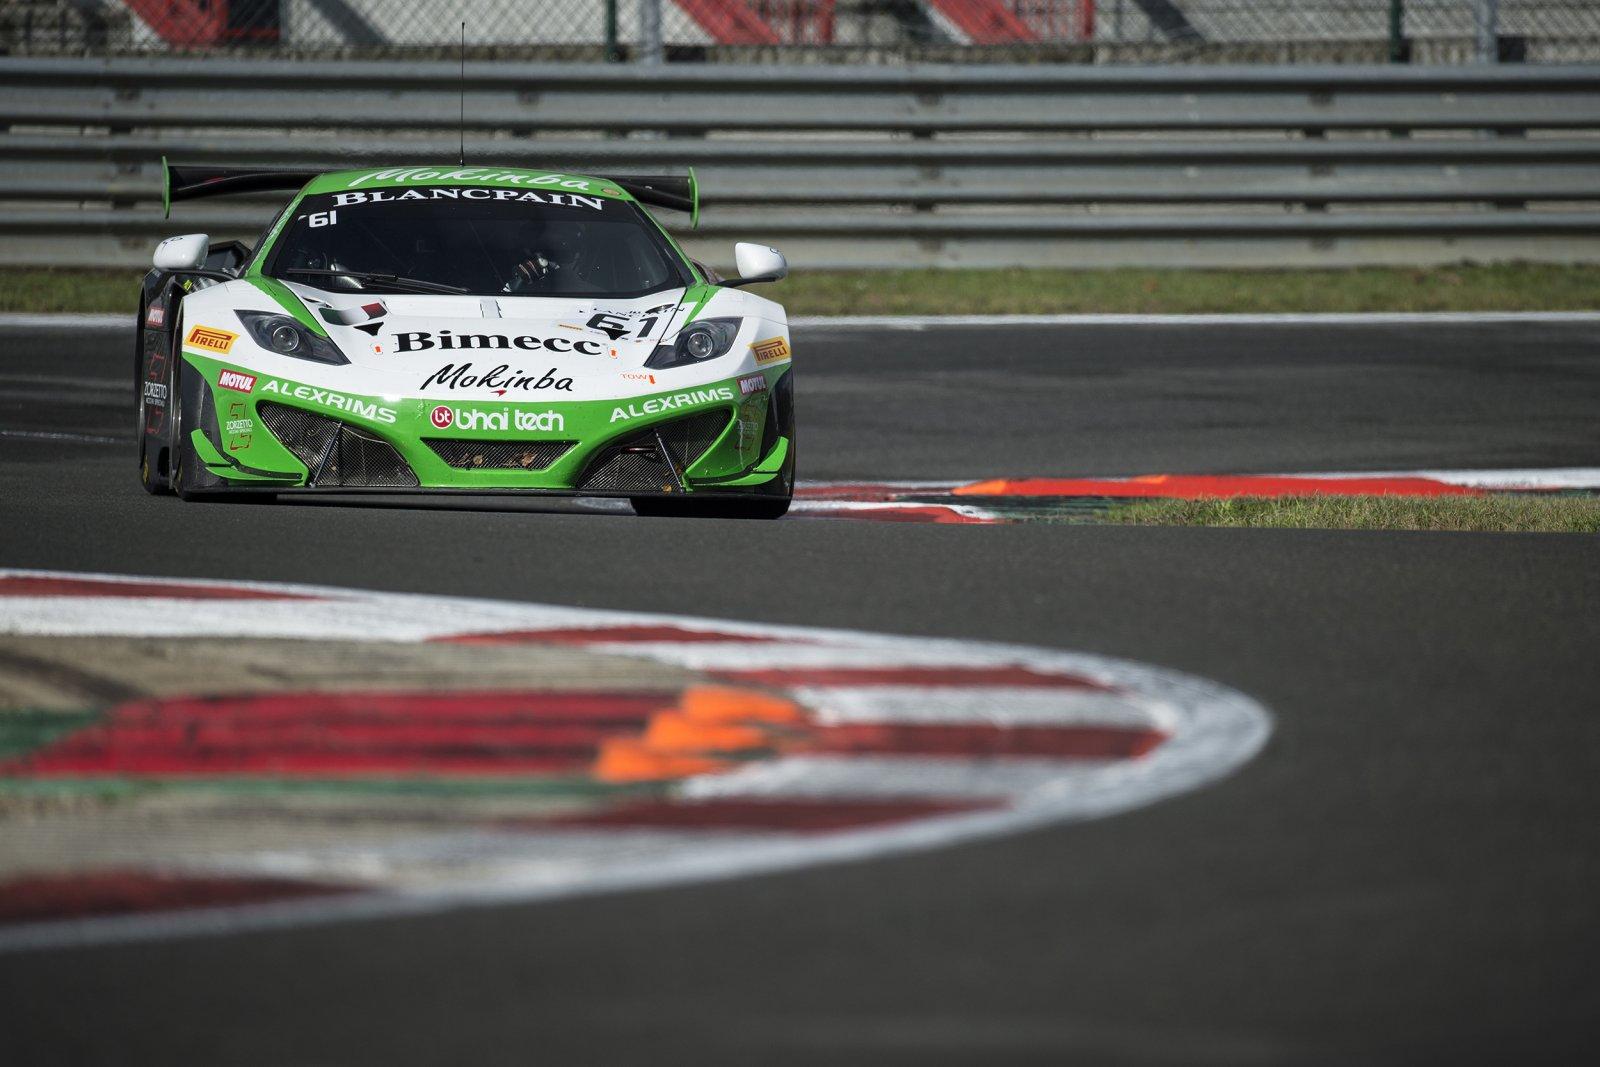 Zolder Round : Bhaitech McLaren tops first free practice